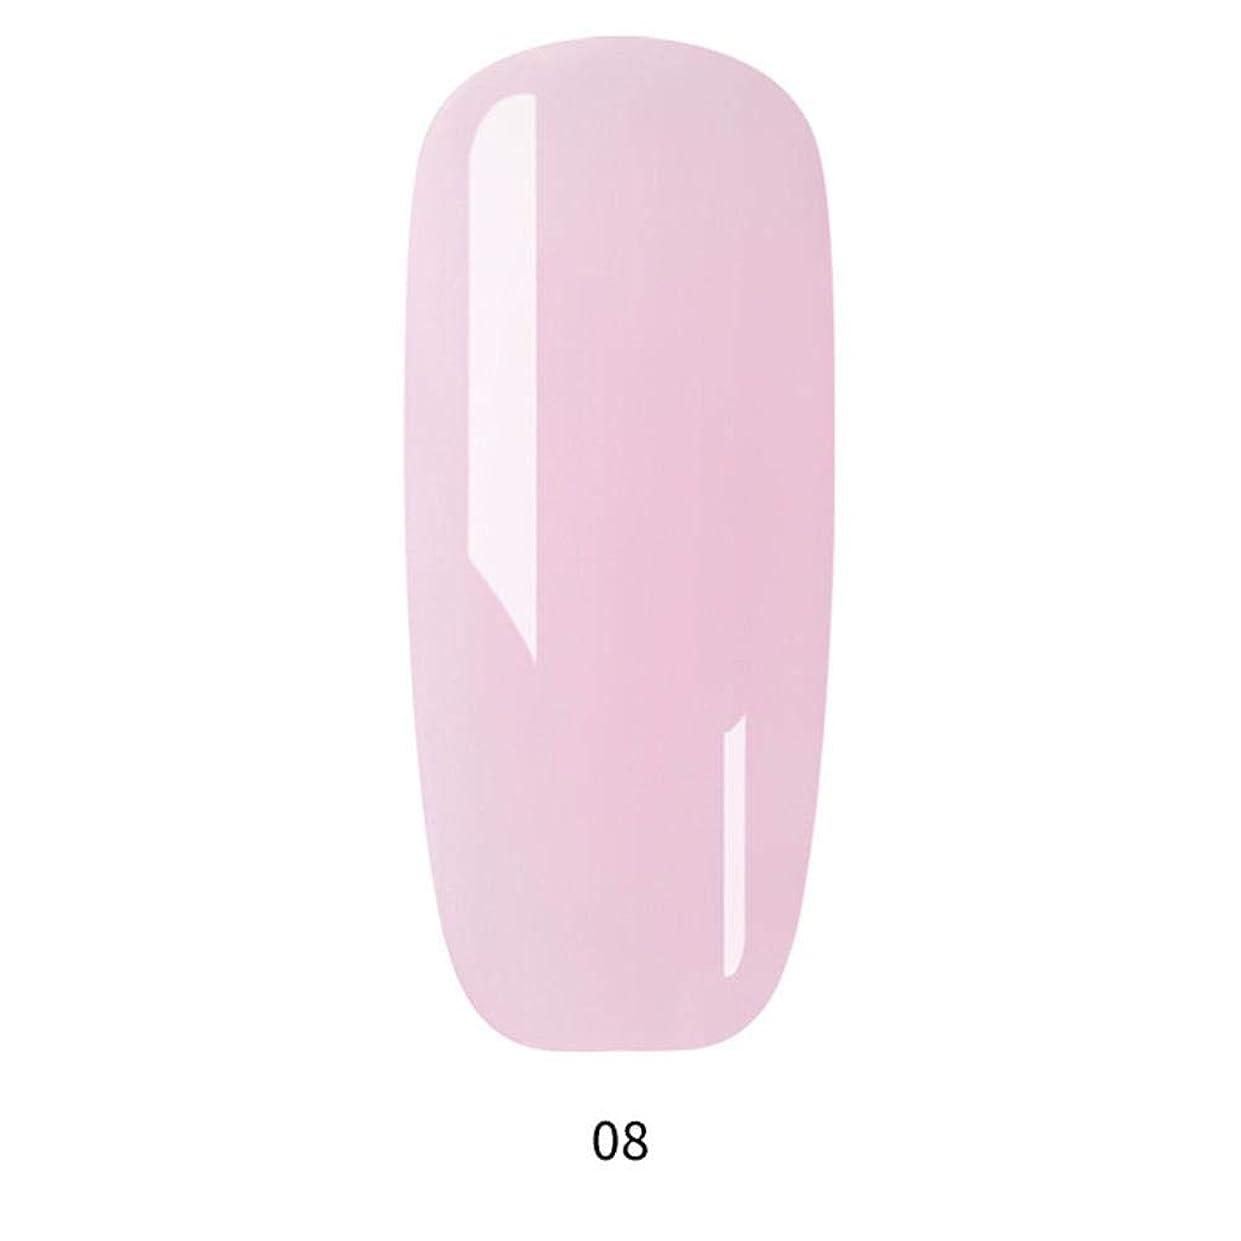 お酒密やむを得ないネイルアート ネイル接着剤 人工偽爪 ネイルジェル 爪指延長接着剤 UV延長接着剤 ティップエクステンション 9色選べる junexi